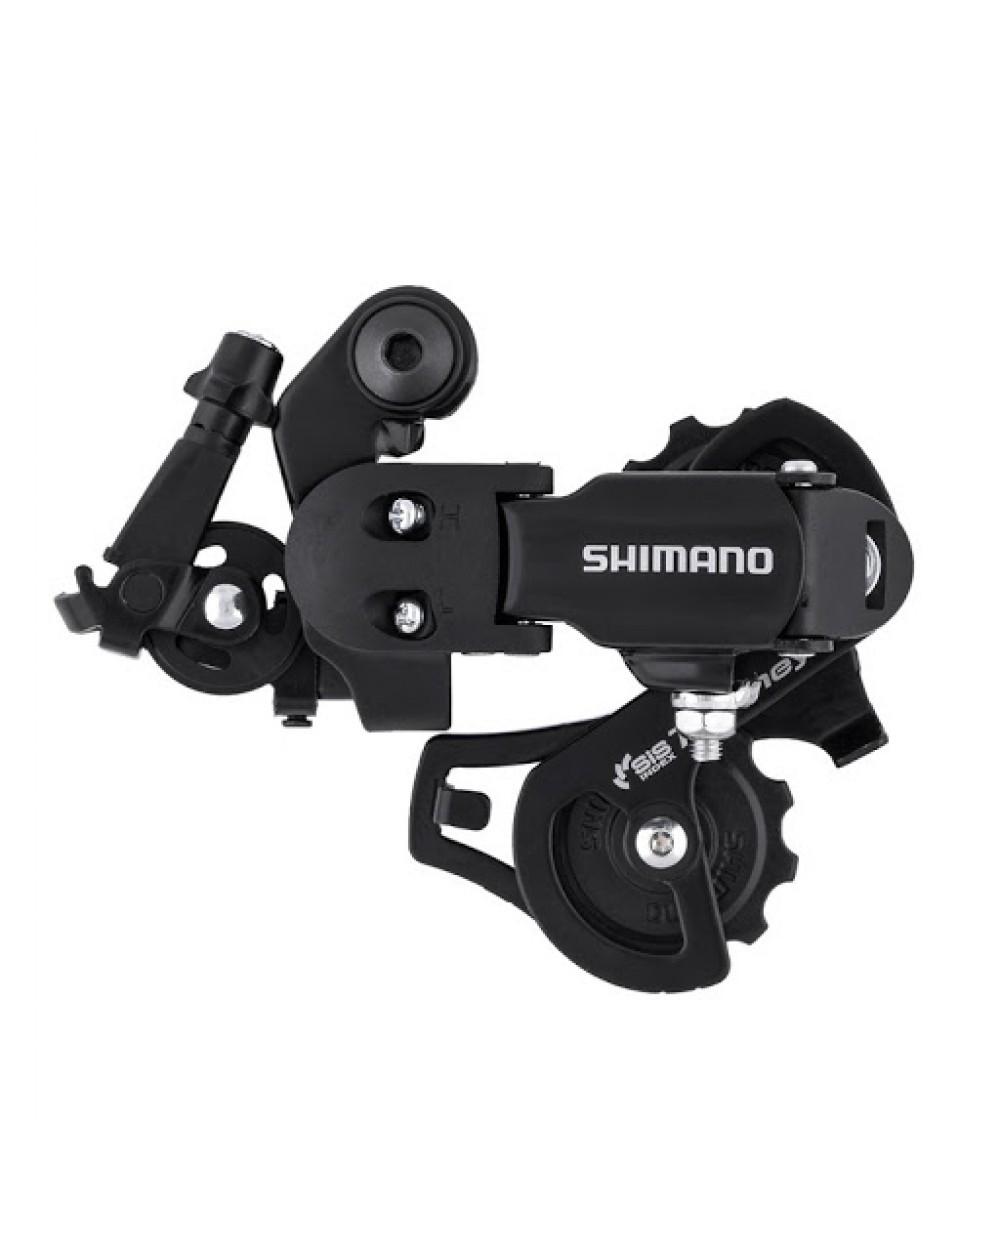 Задний переключатель Shimano Tourney RD-FT35 6 / 7sp черный (02889)